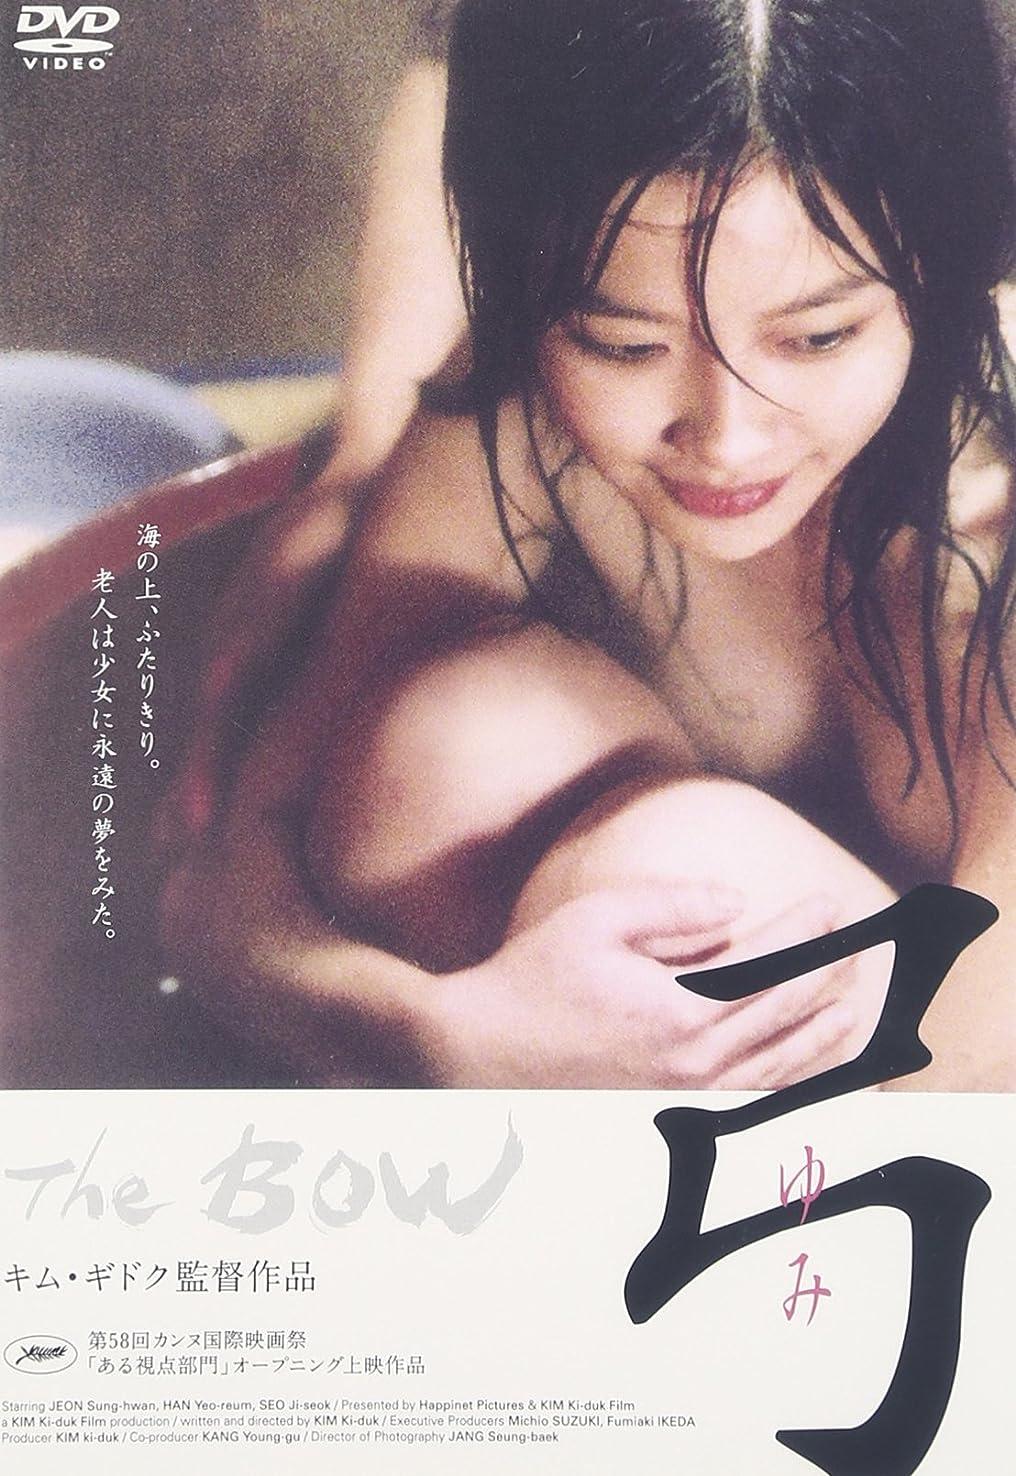 前売ピカソ暗記する弓 [DVD]